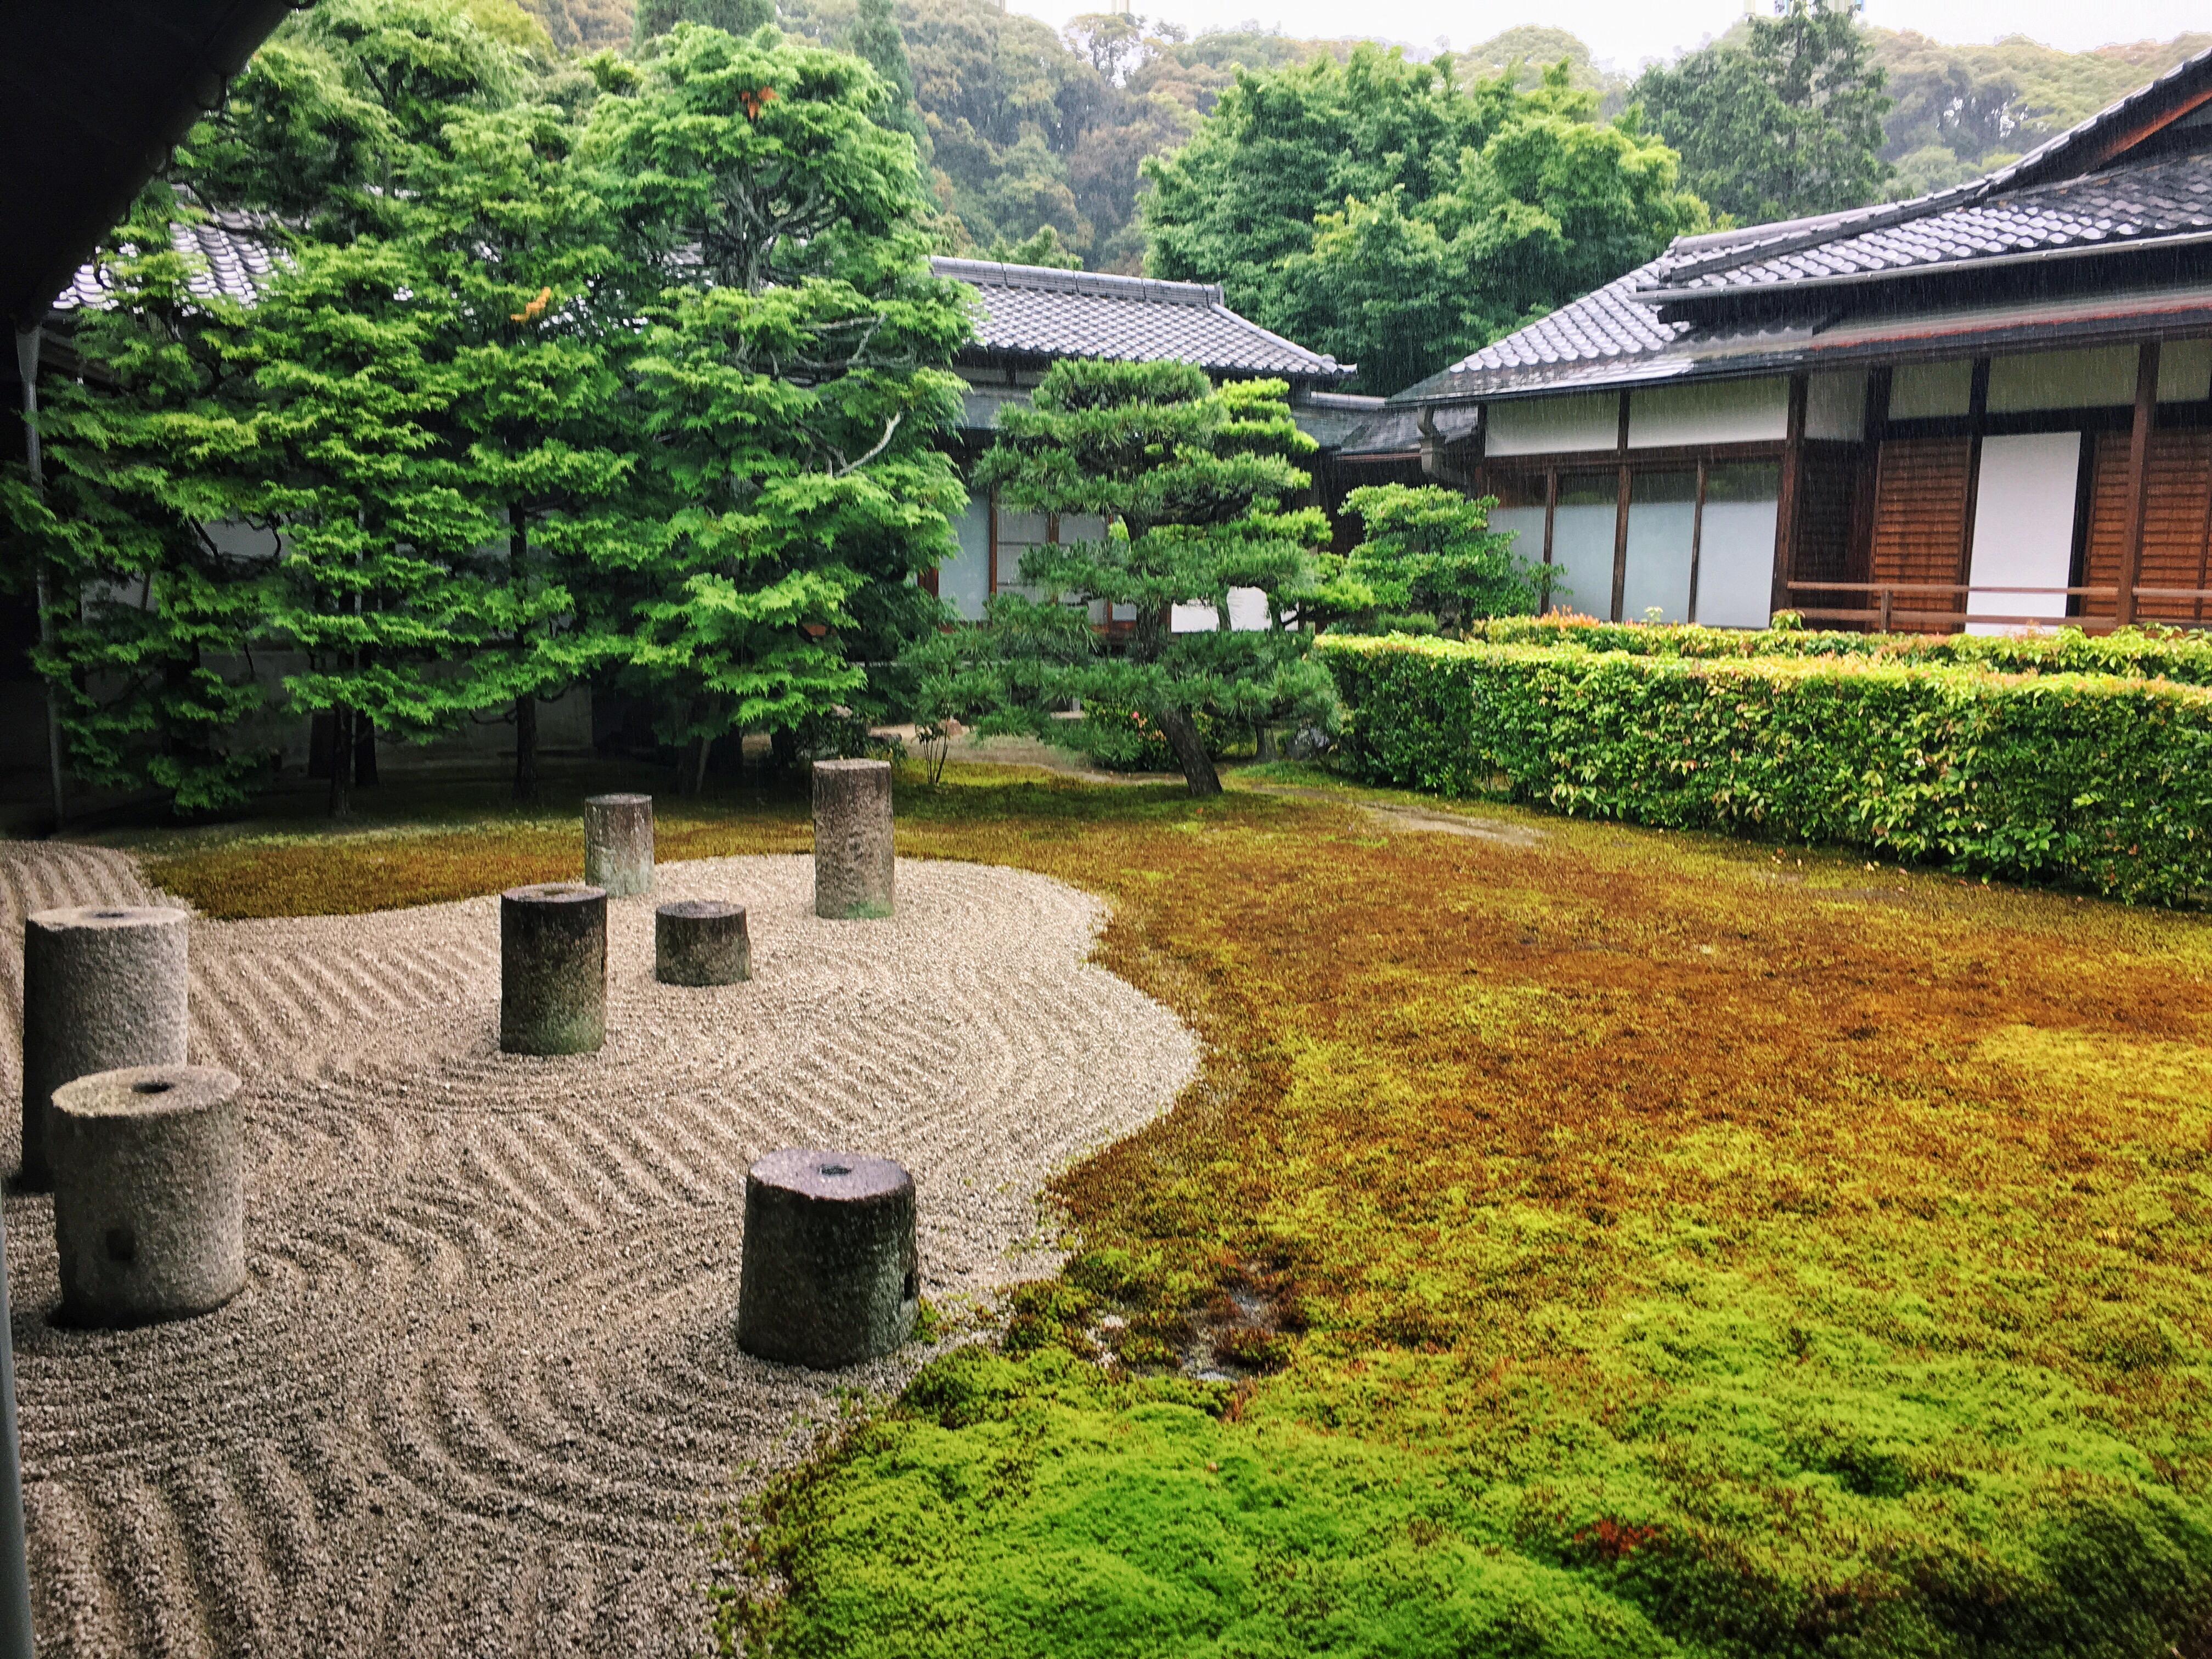 日本旅游地�_东福寺旅游景点攻略图